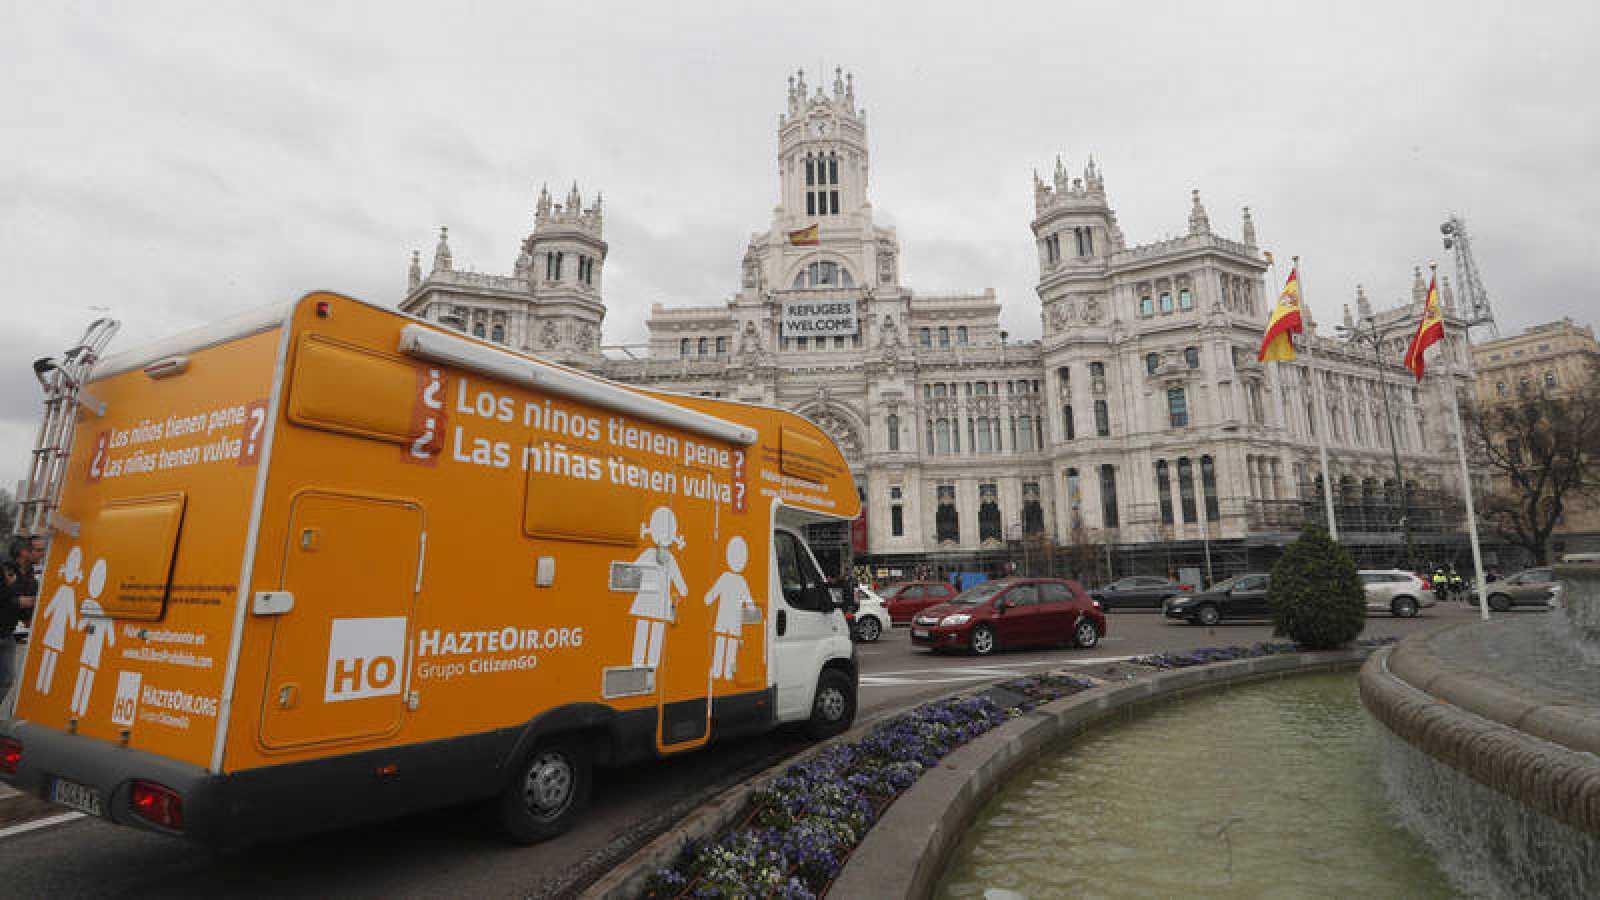 La caravana de Hazte Oír que recorrió el viernes las calles de Madrid con un eslogan ligeramente modificado.